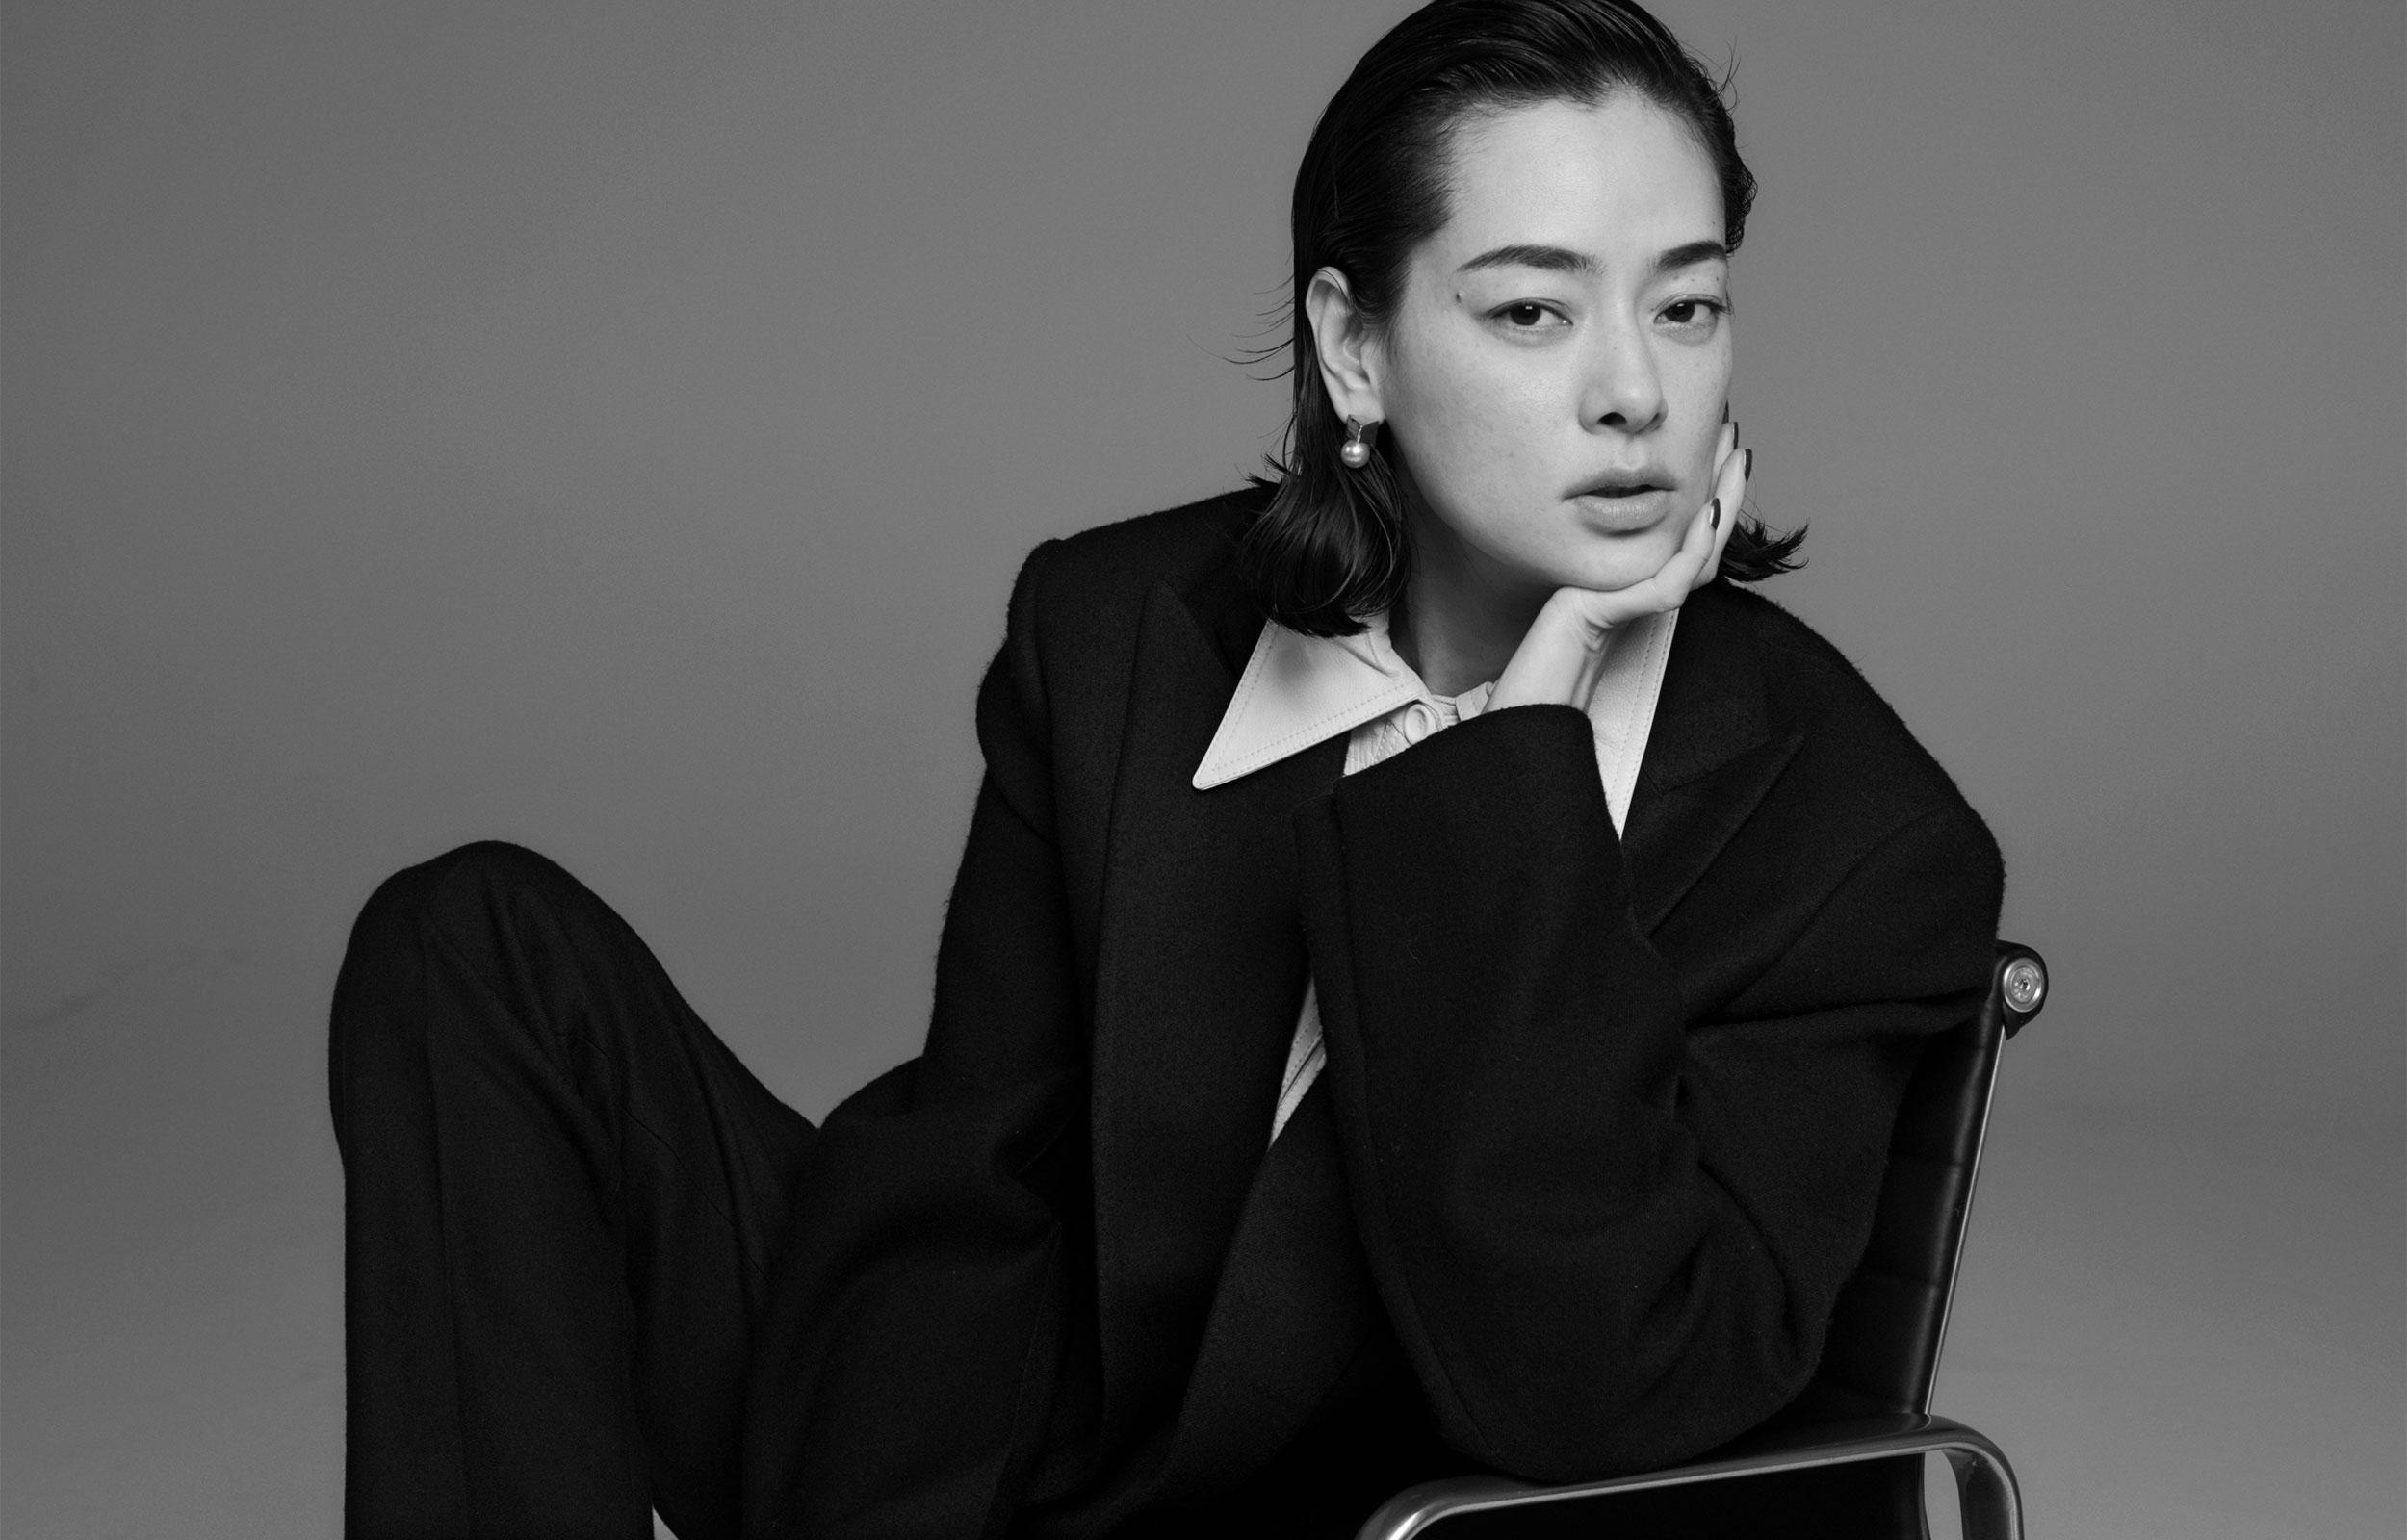 【インタビュー】女優・市川実日子:過去よりも、今を見る。映画『羊の木』が問うものとは?